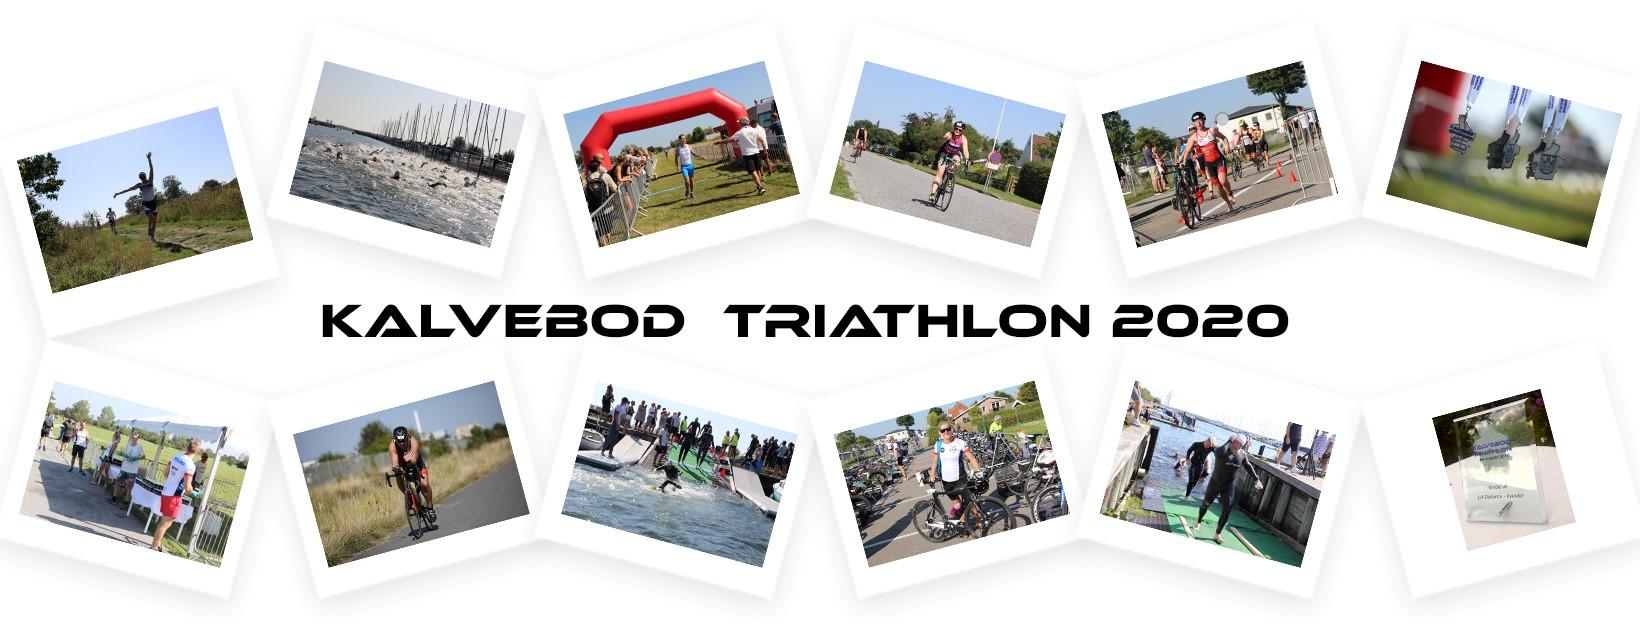 Kalvebod Triathlon